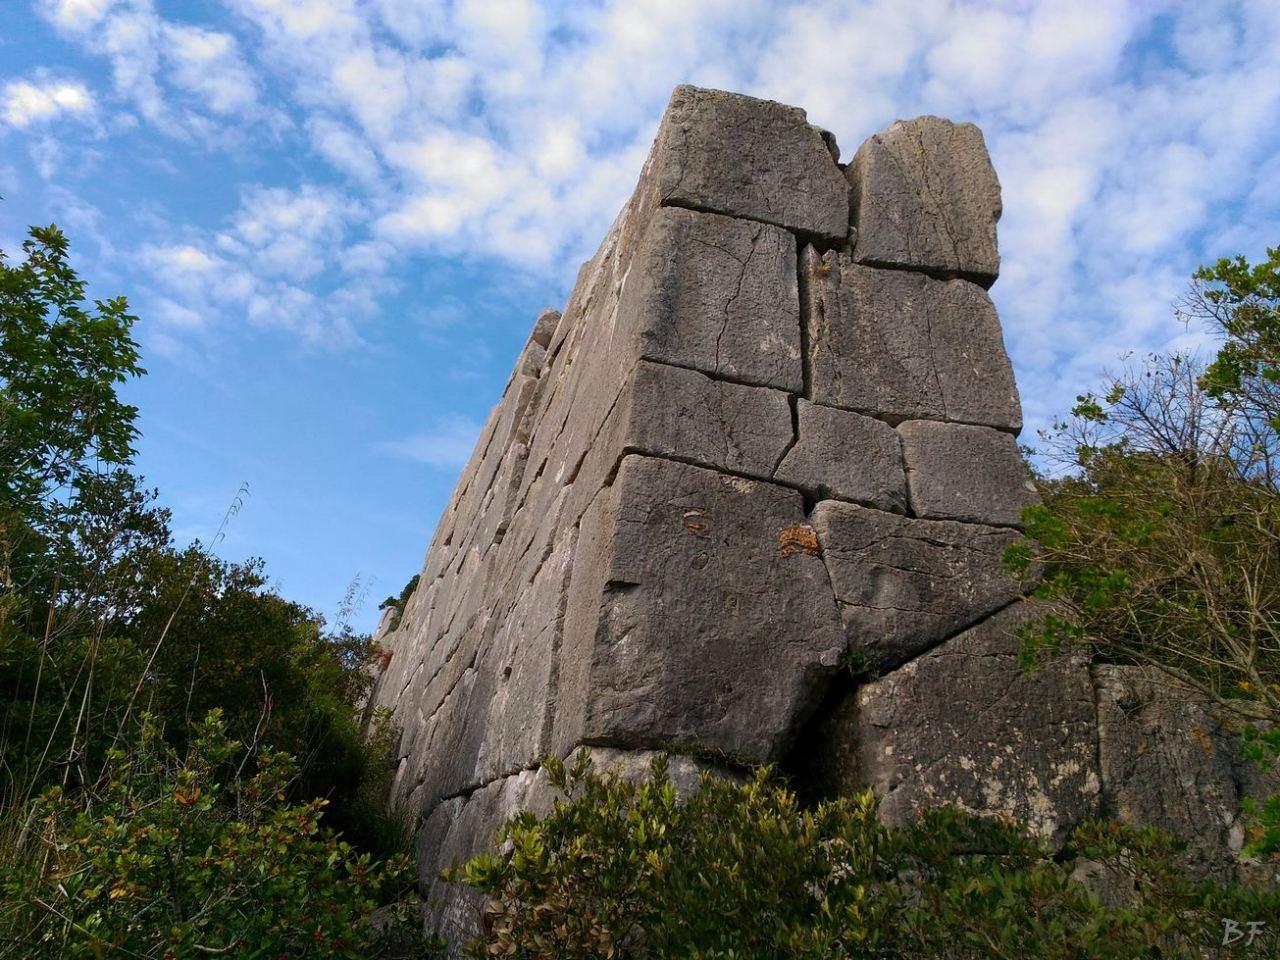 Circeii-Mura-Megalitiche-Poligonali-Latina-Lazio-Italia-28